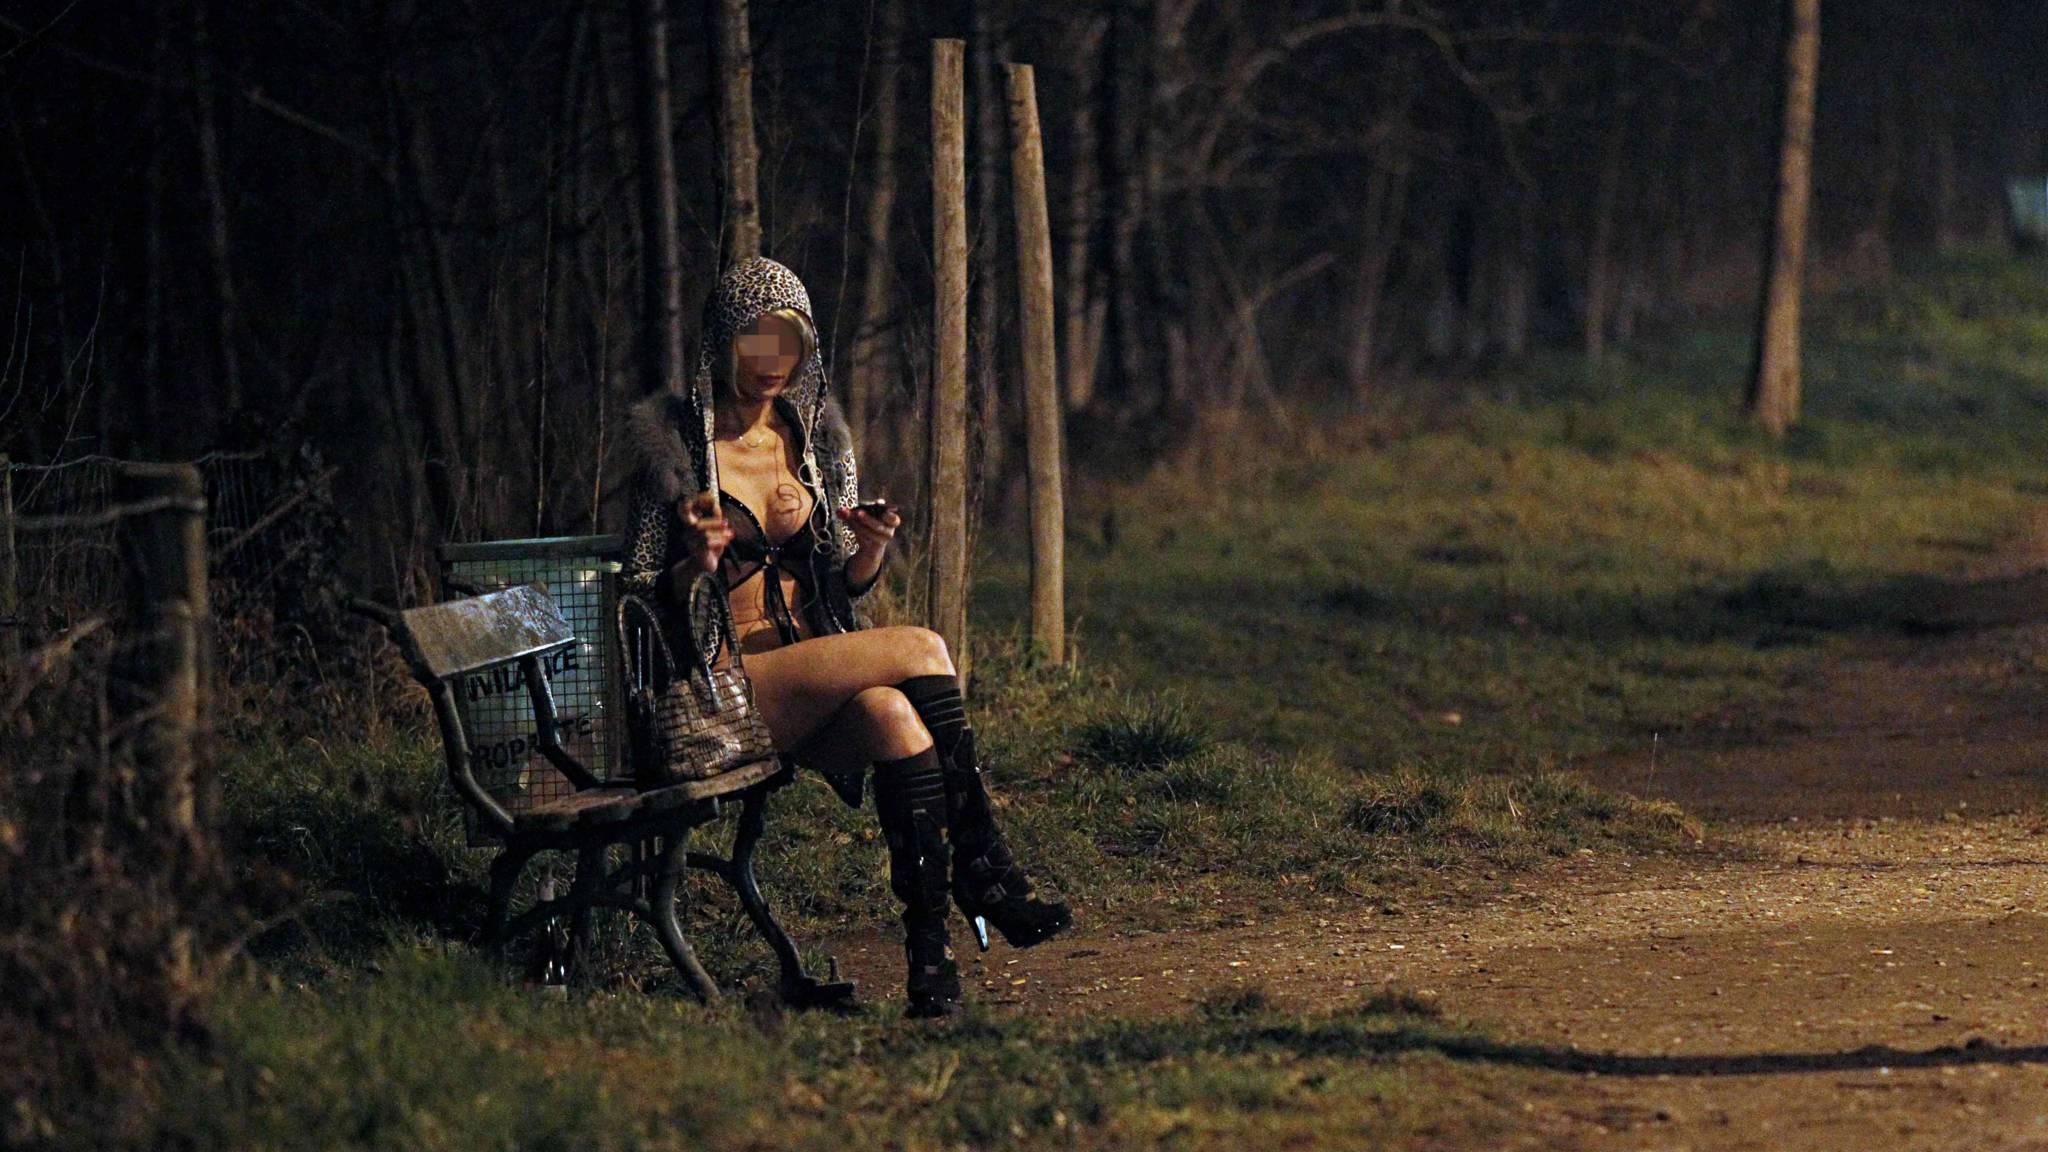 нашему ресурсу, булонский лес ночью фото компенсирует усилие